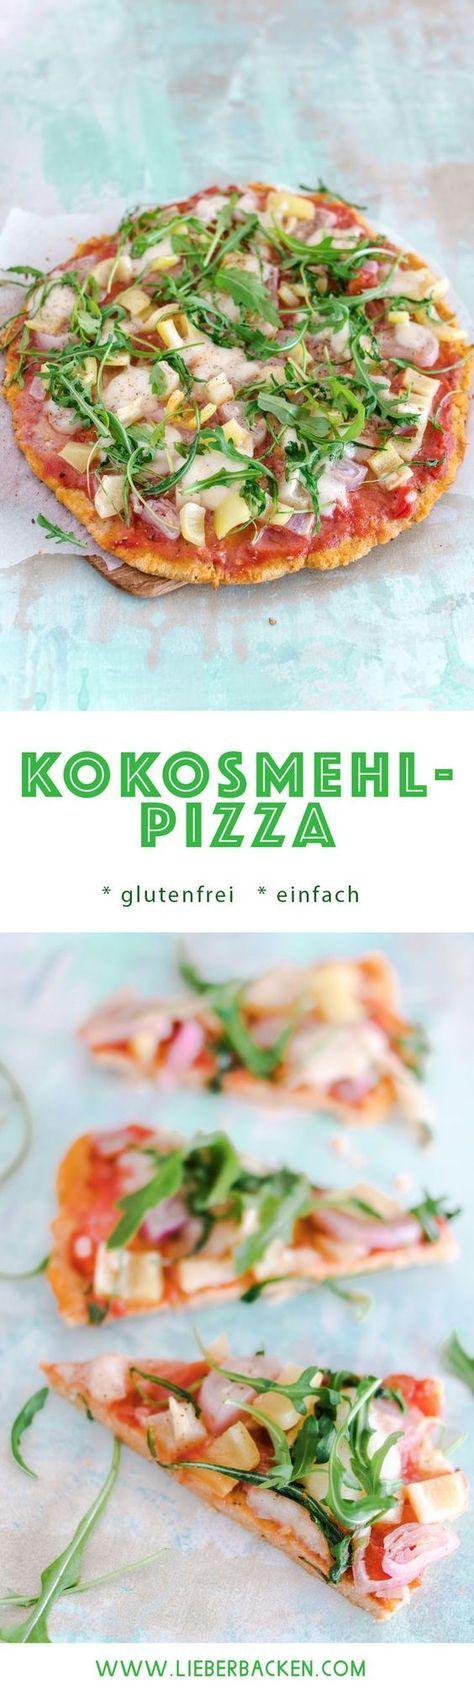 Kokosmehl-Pizza // glutenfrei